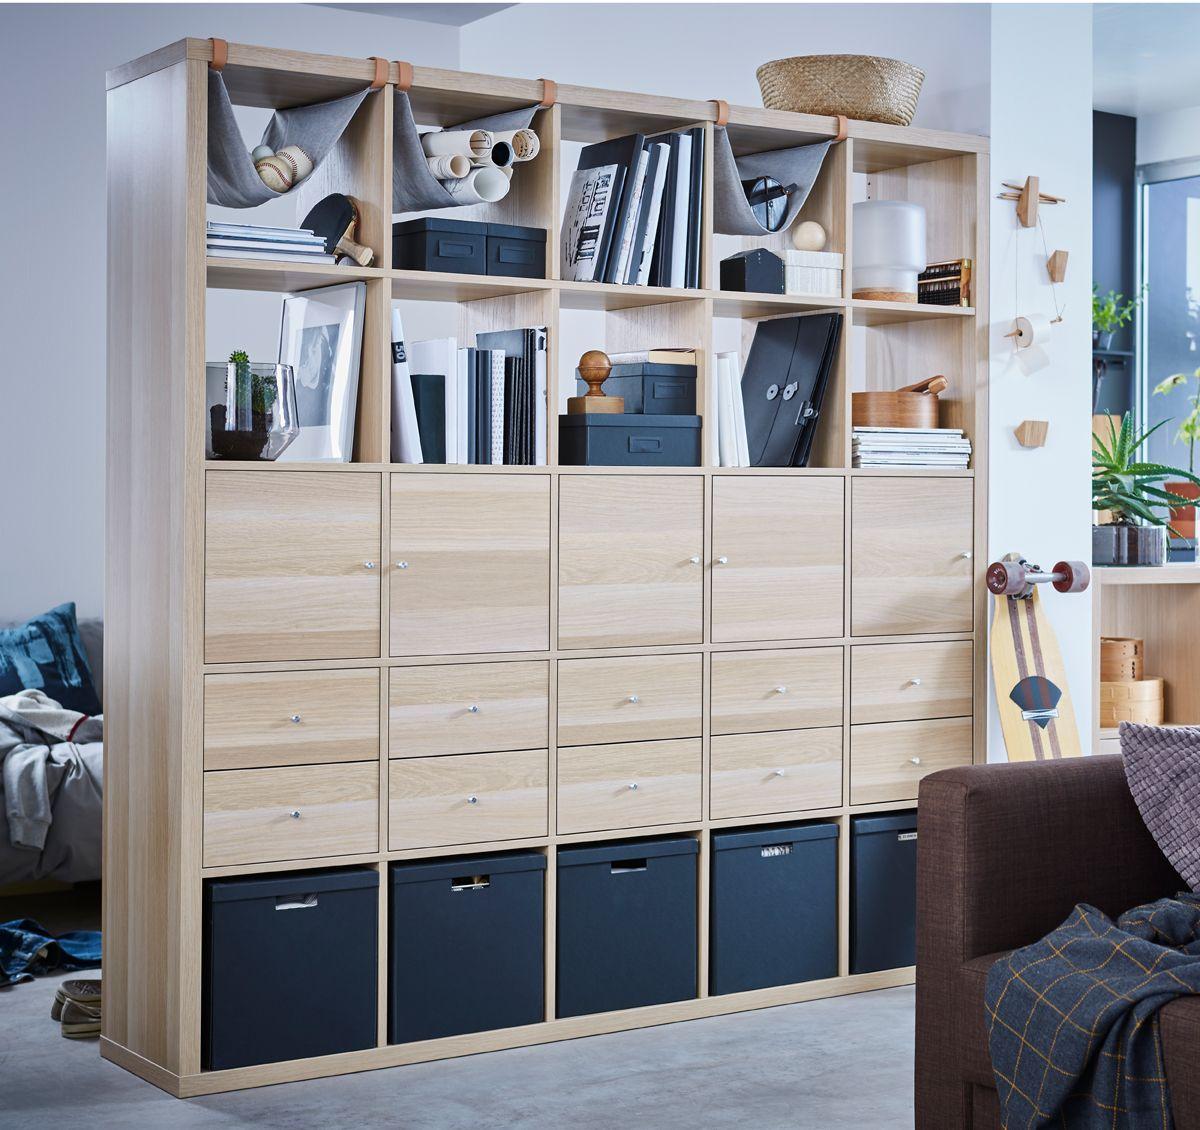 Bildergebnis für ikea kallax raumteiler | möbel | Pinterest ...